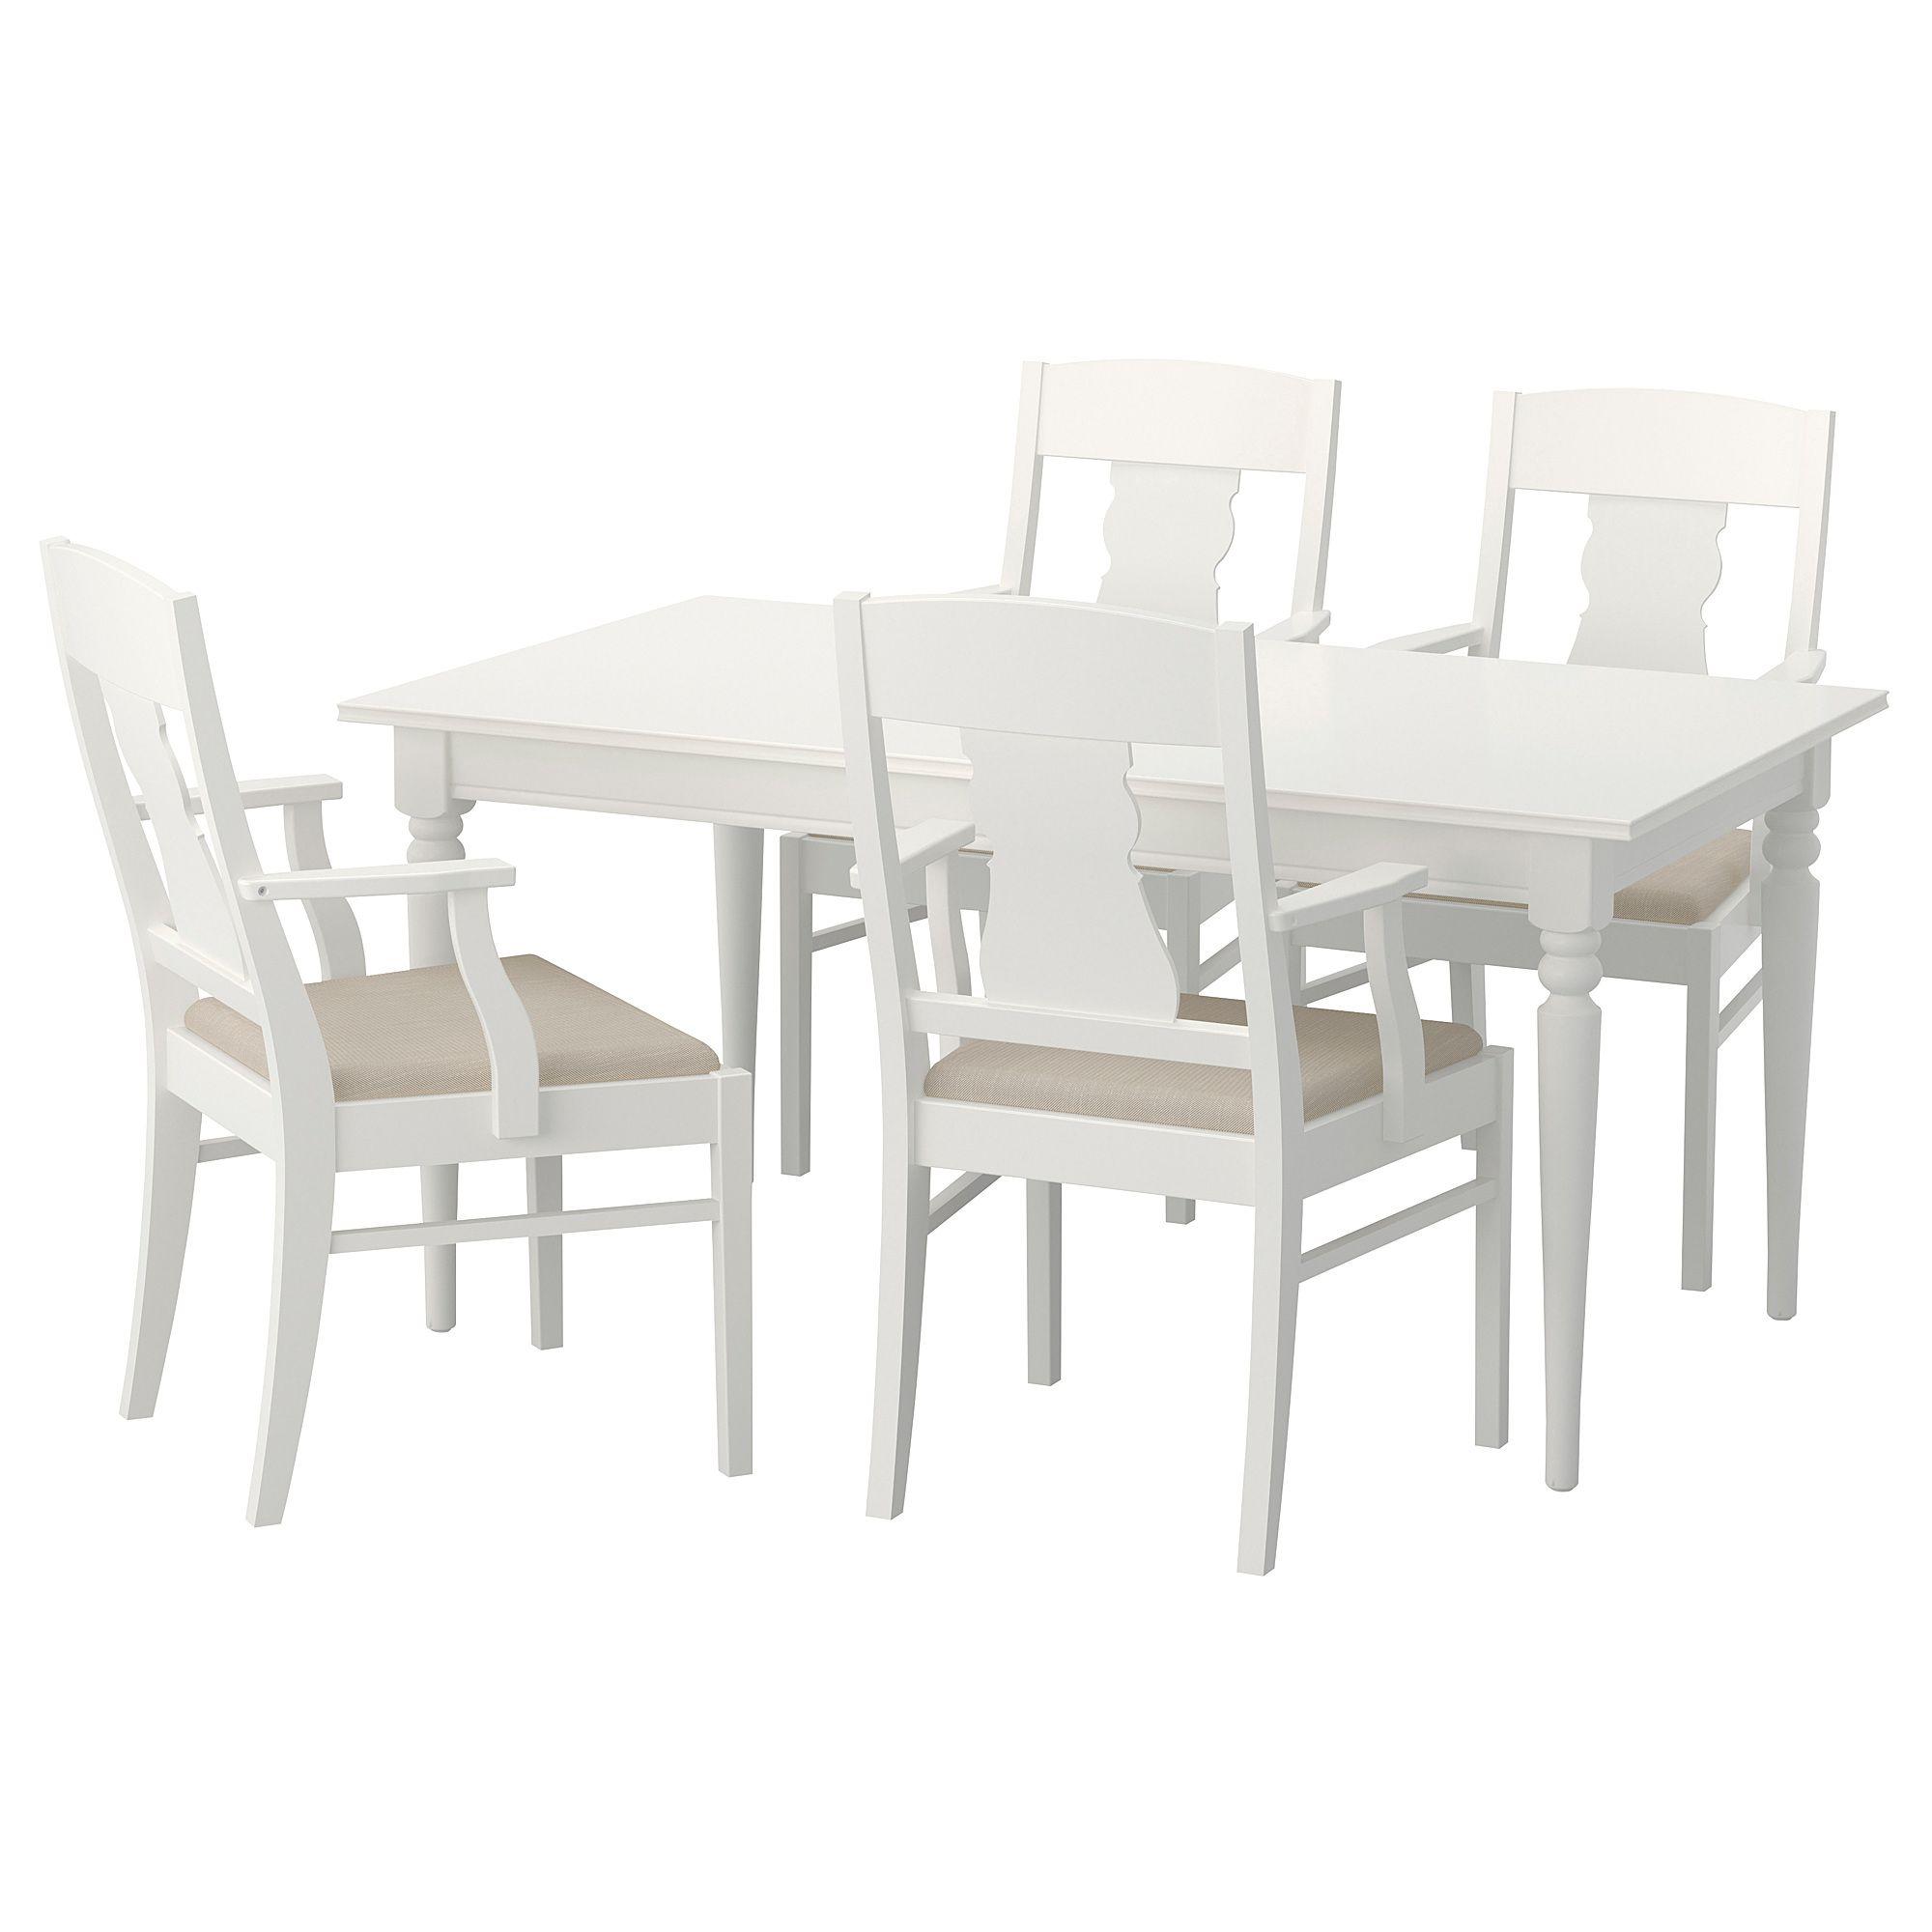 wohnschlafzimmer tisch mit stühle